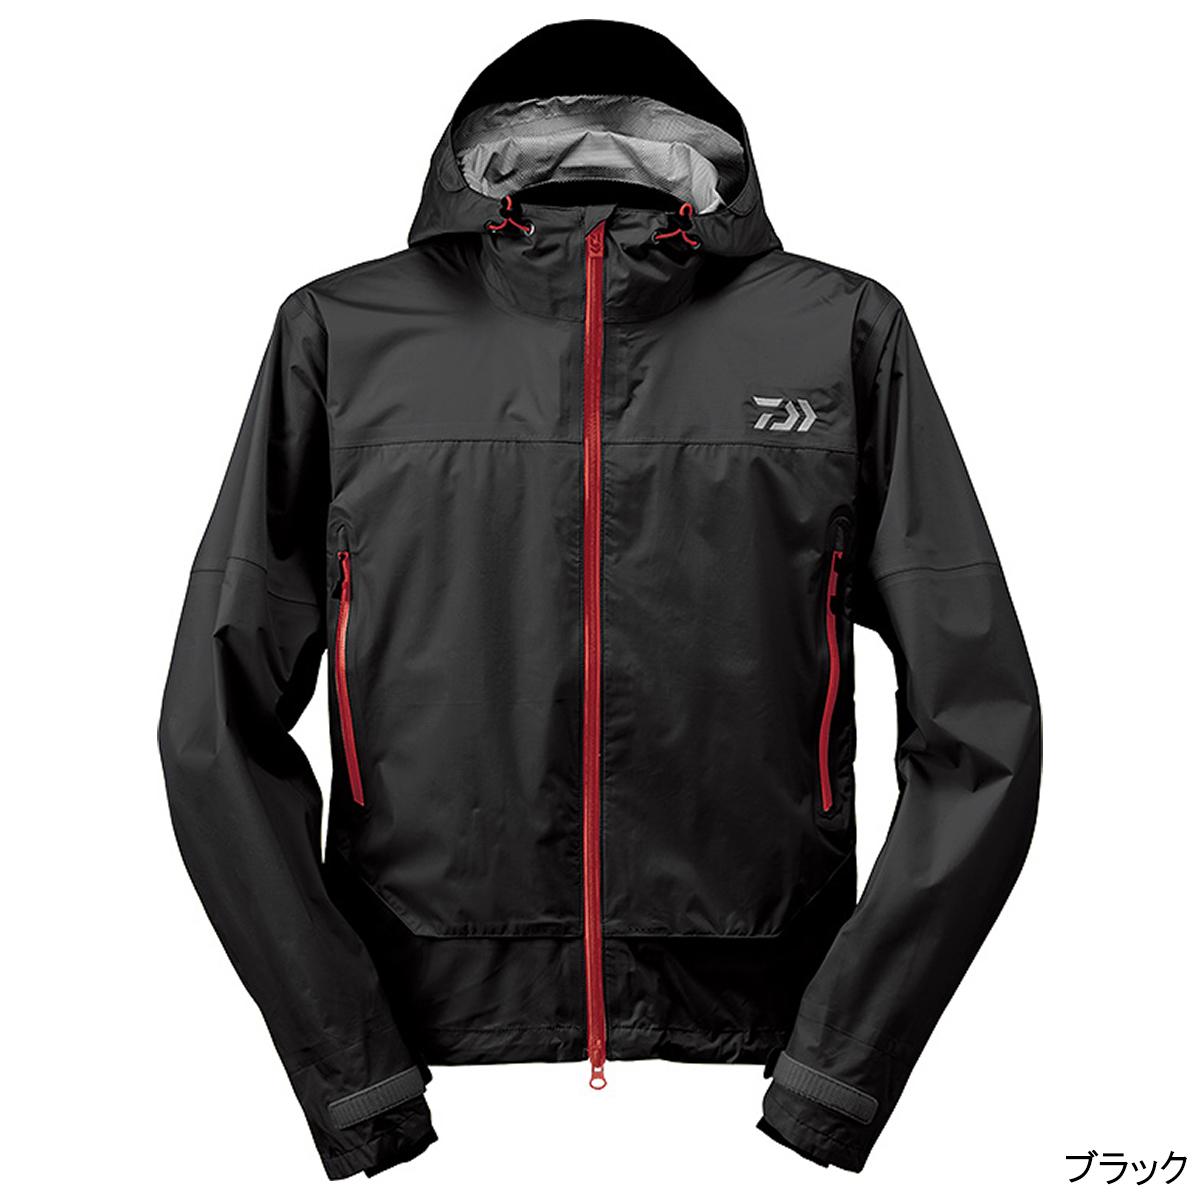 ダイワ レインマックス ショートレインジャケット DR-39009J XL ブラック(東日本店)